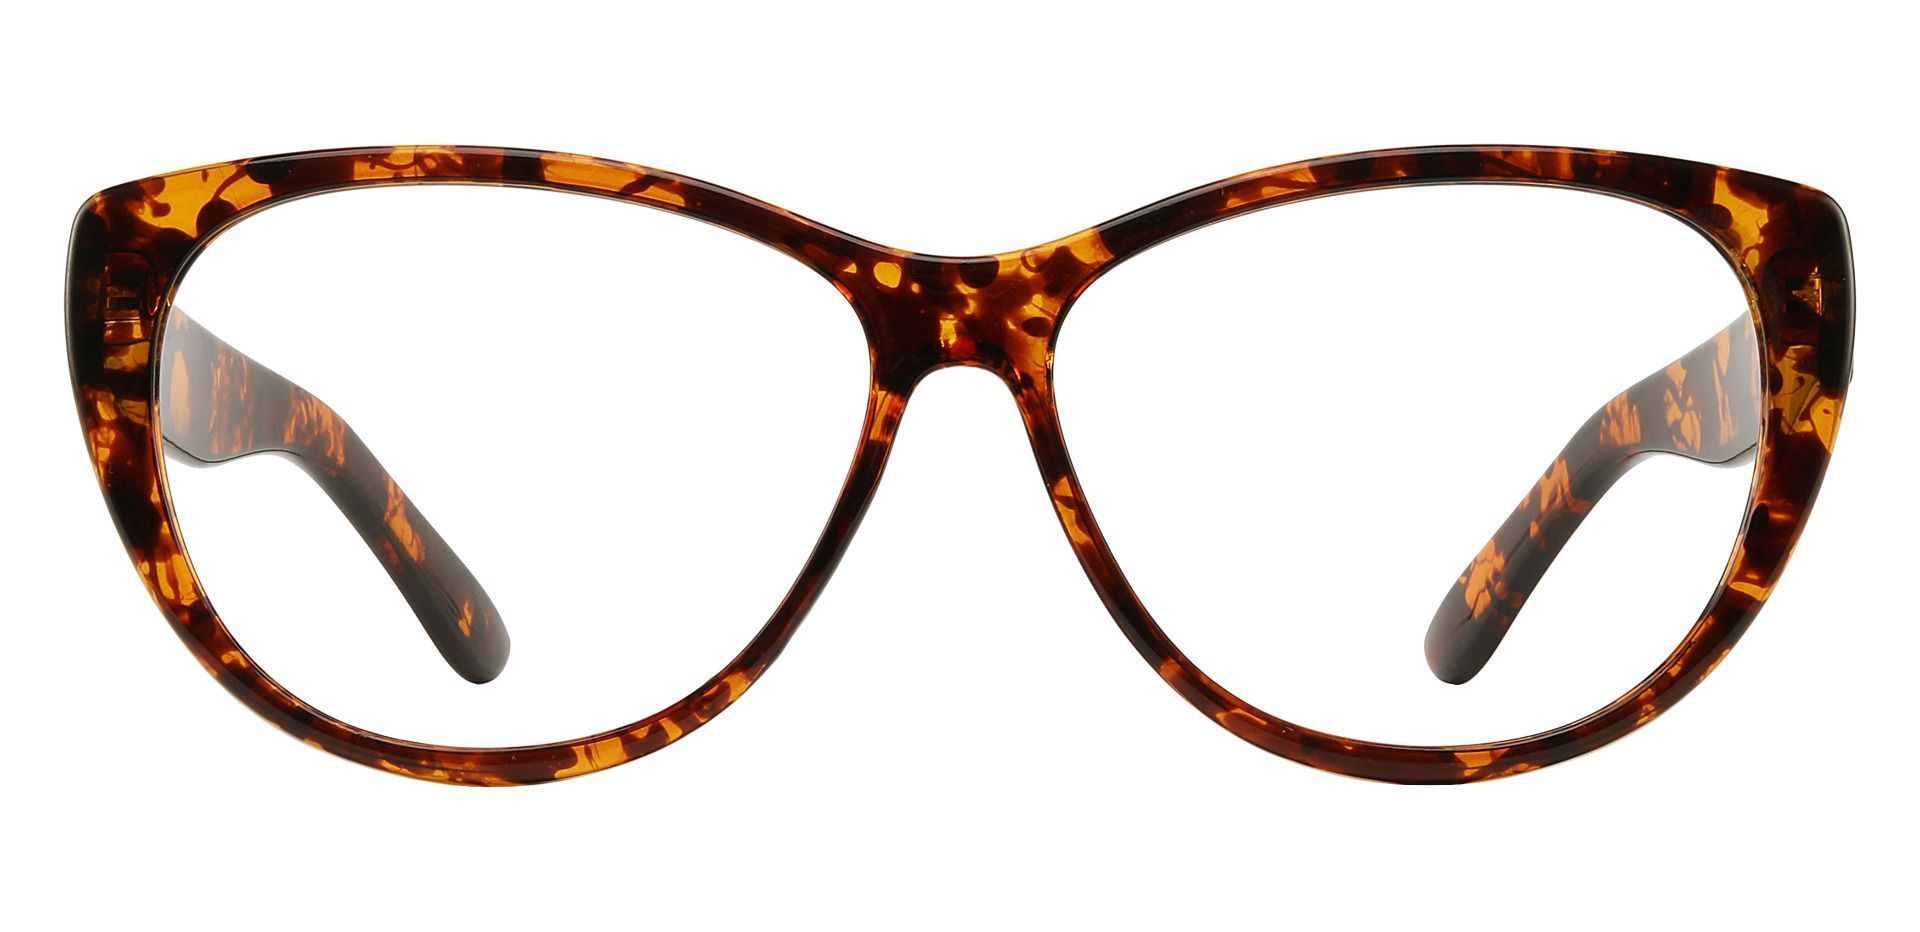 Lynn Cat-Eye Blue Light Blocking Glasses - Tortoiseshell